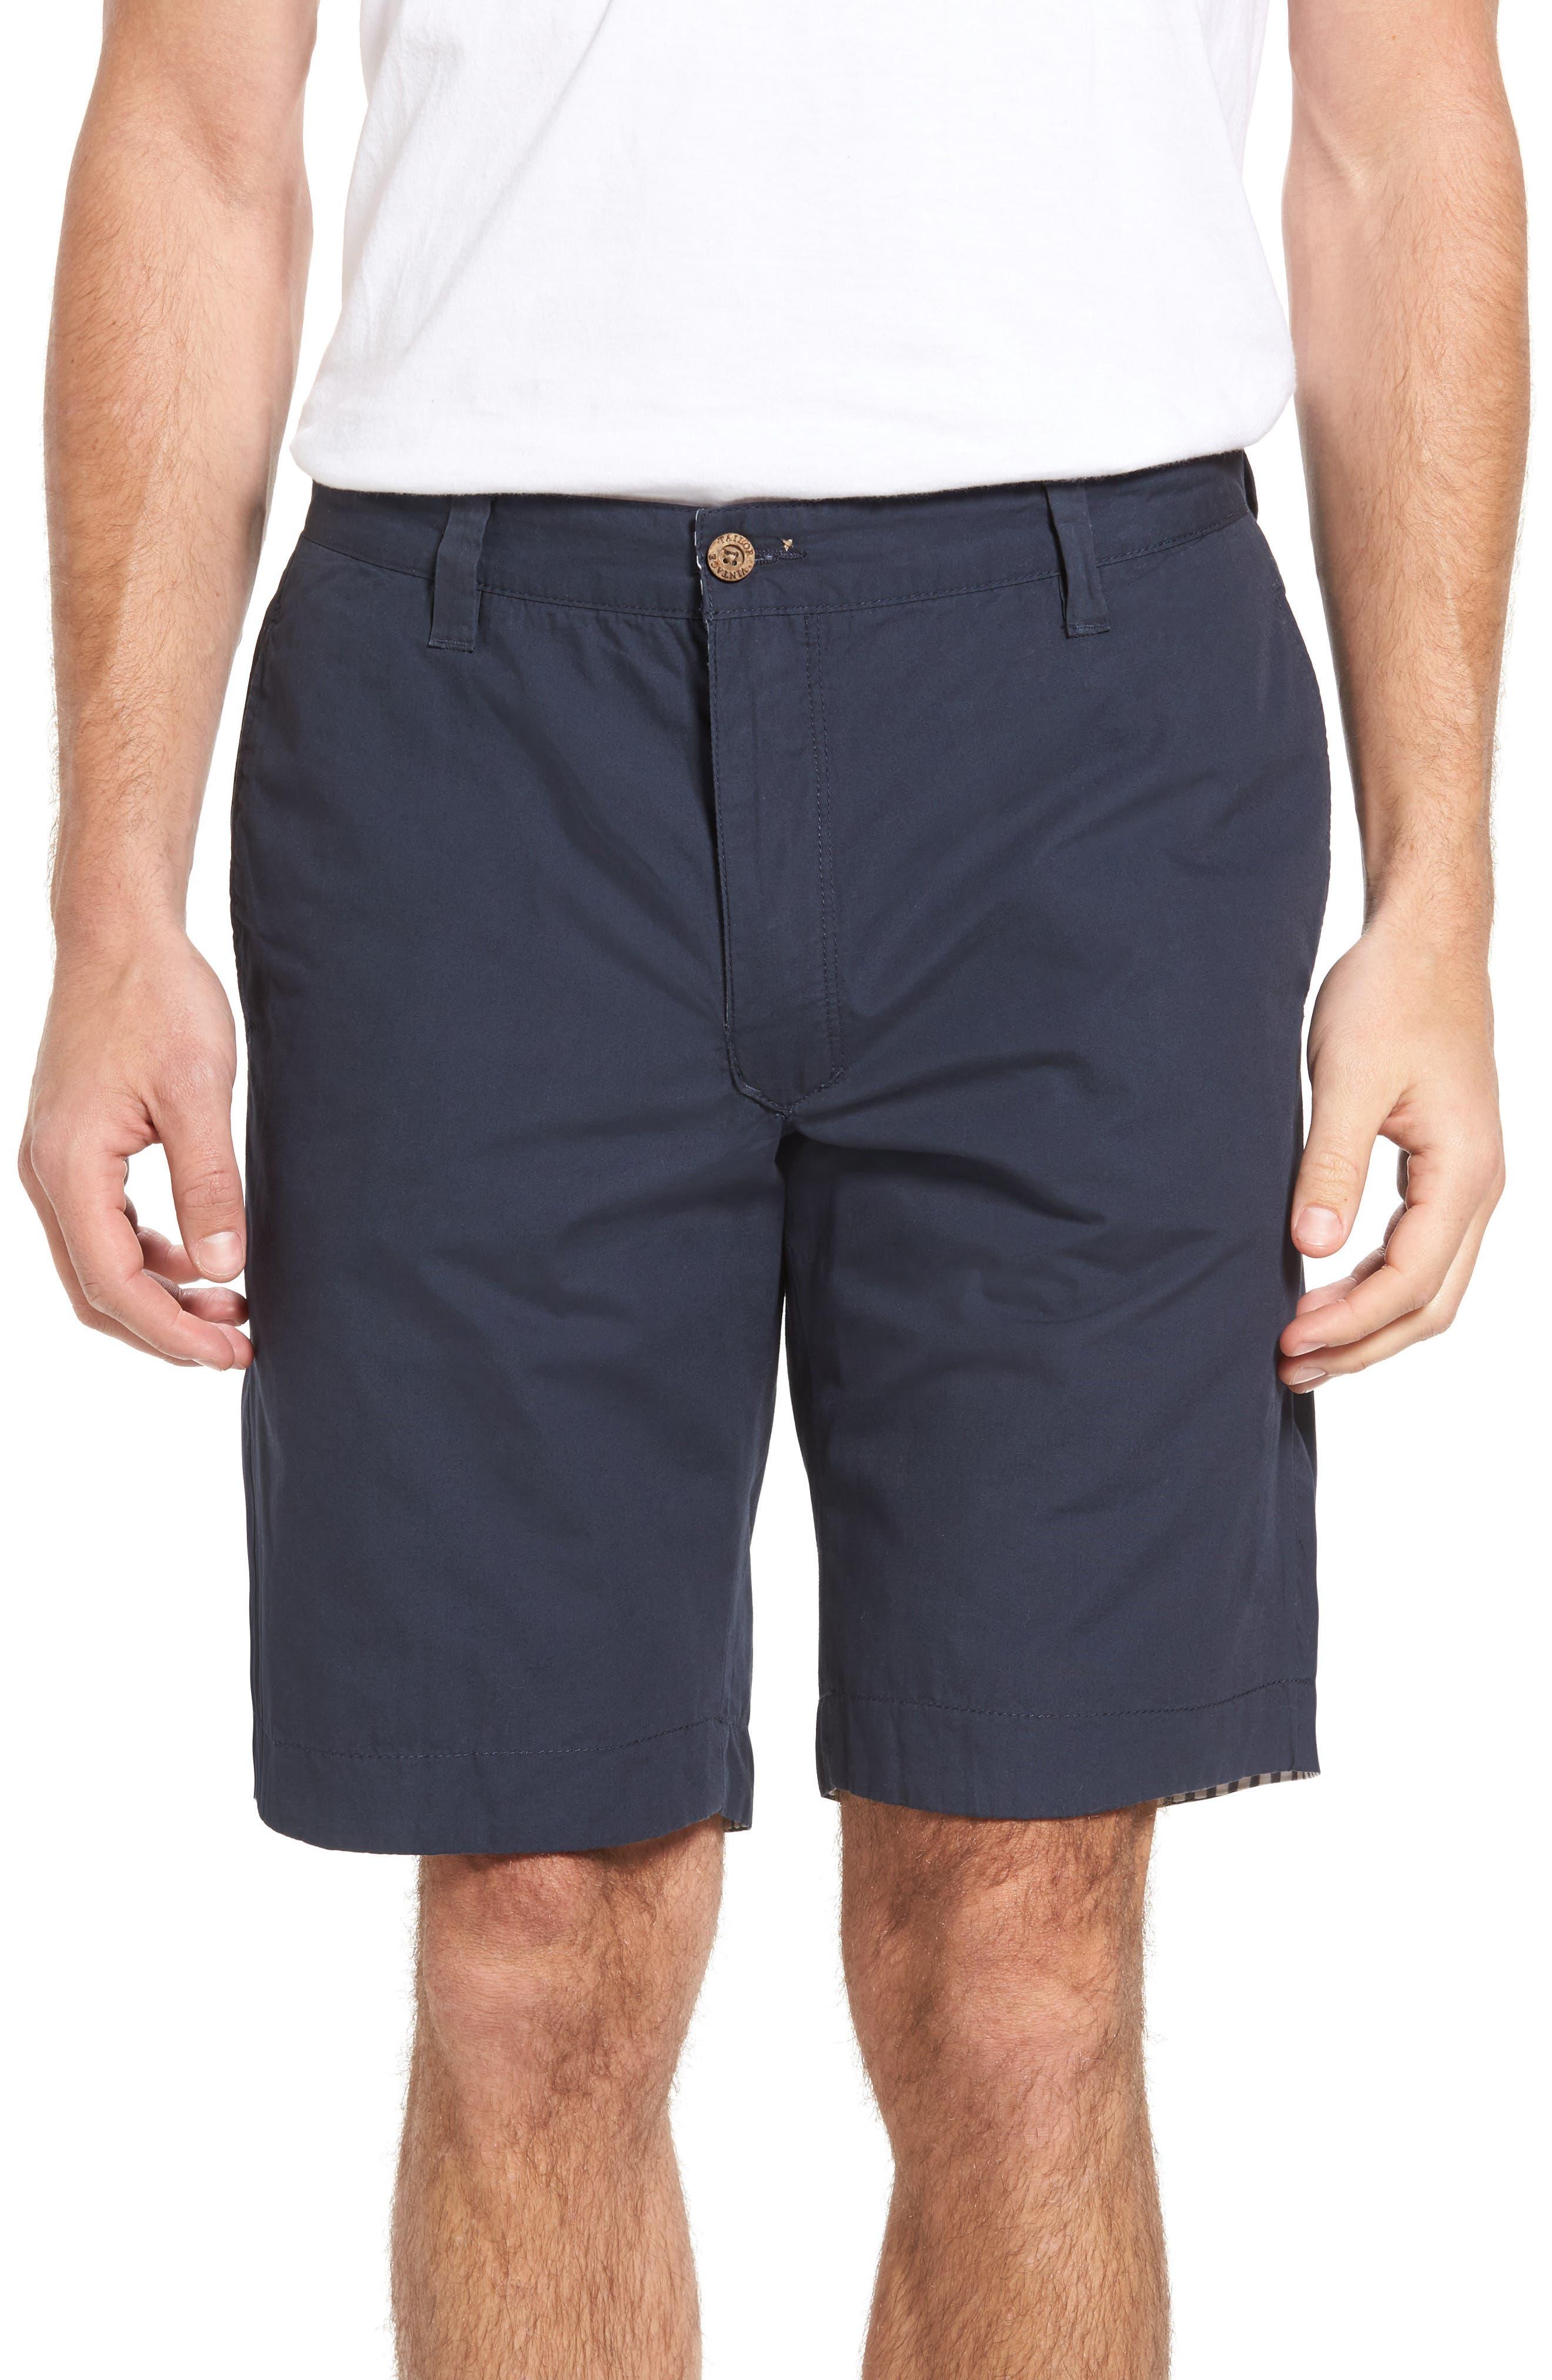 Reversible Walking Shorts,                         Main,                         color, Navy/ Seersucker/ Navy